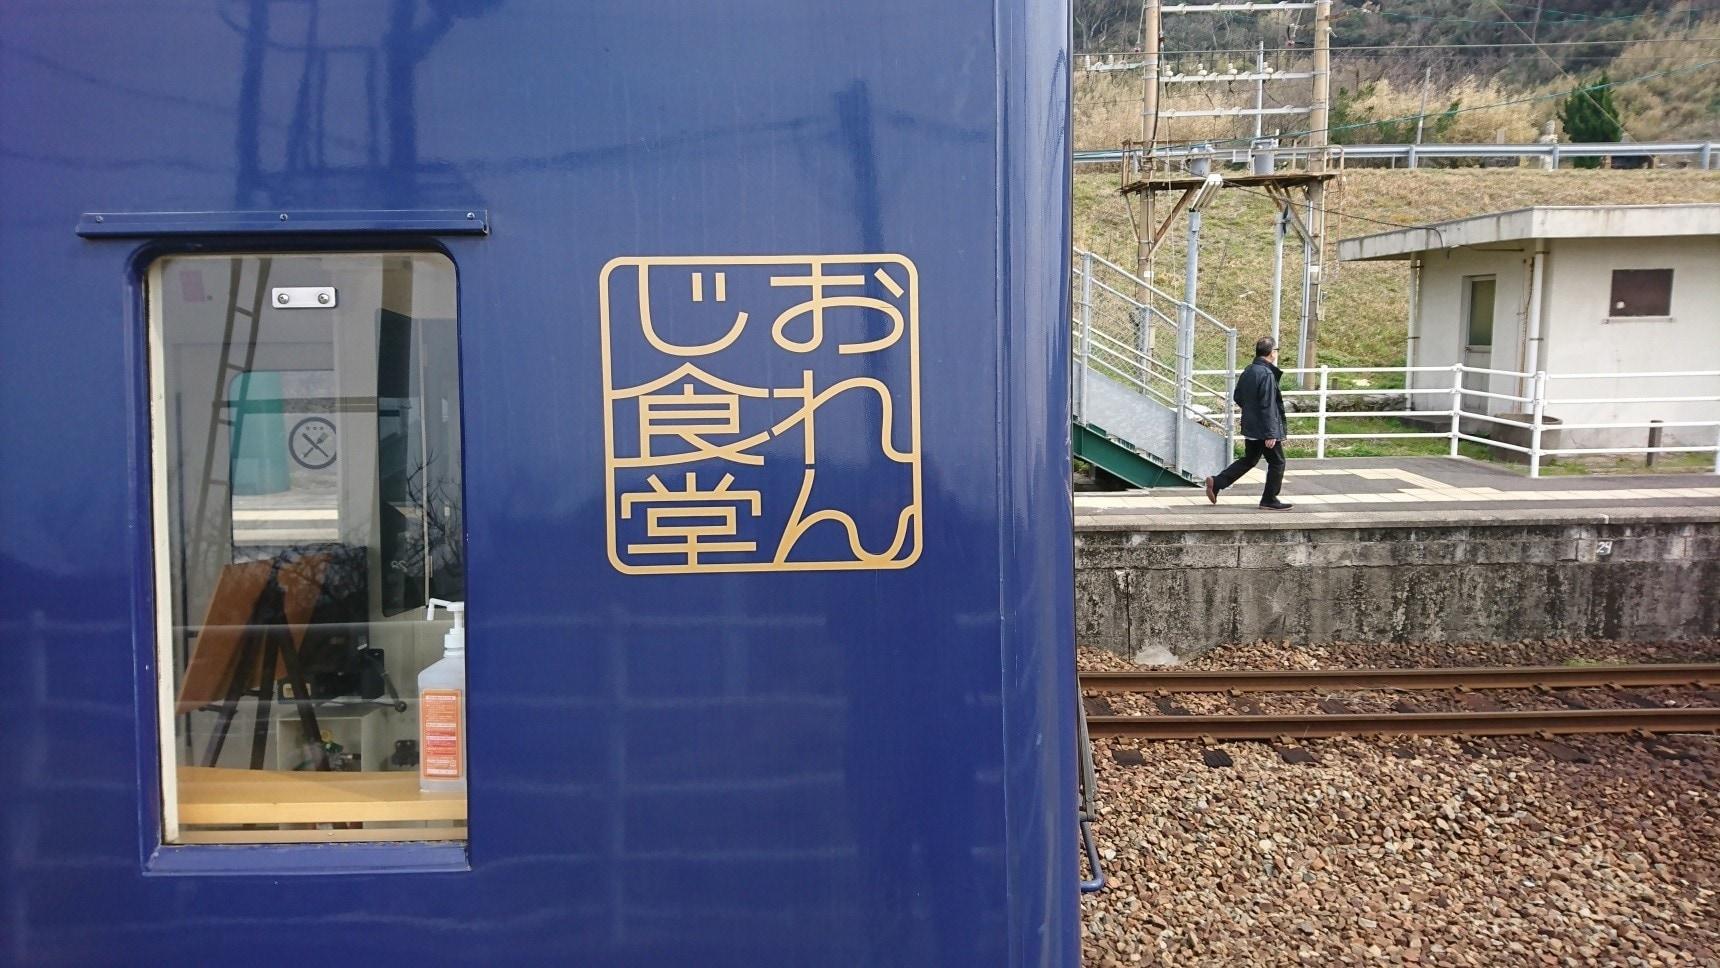 """会跑的食堂?从鹿儿岛一路吃到熊本!快来体验""""肥萨铁道 橙食堂"""""""